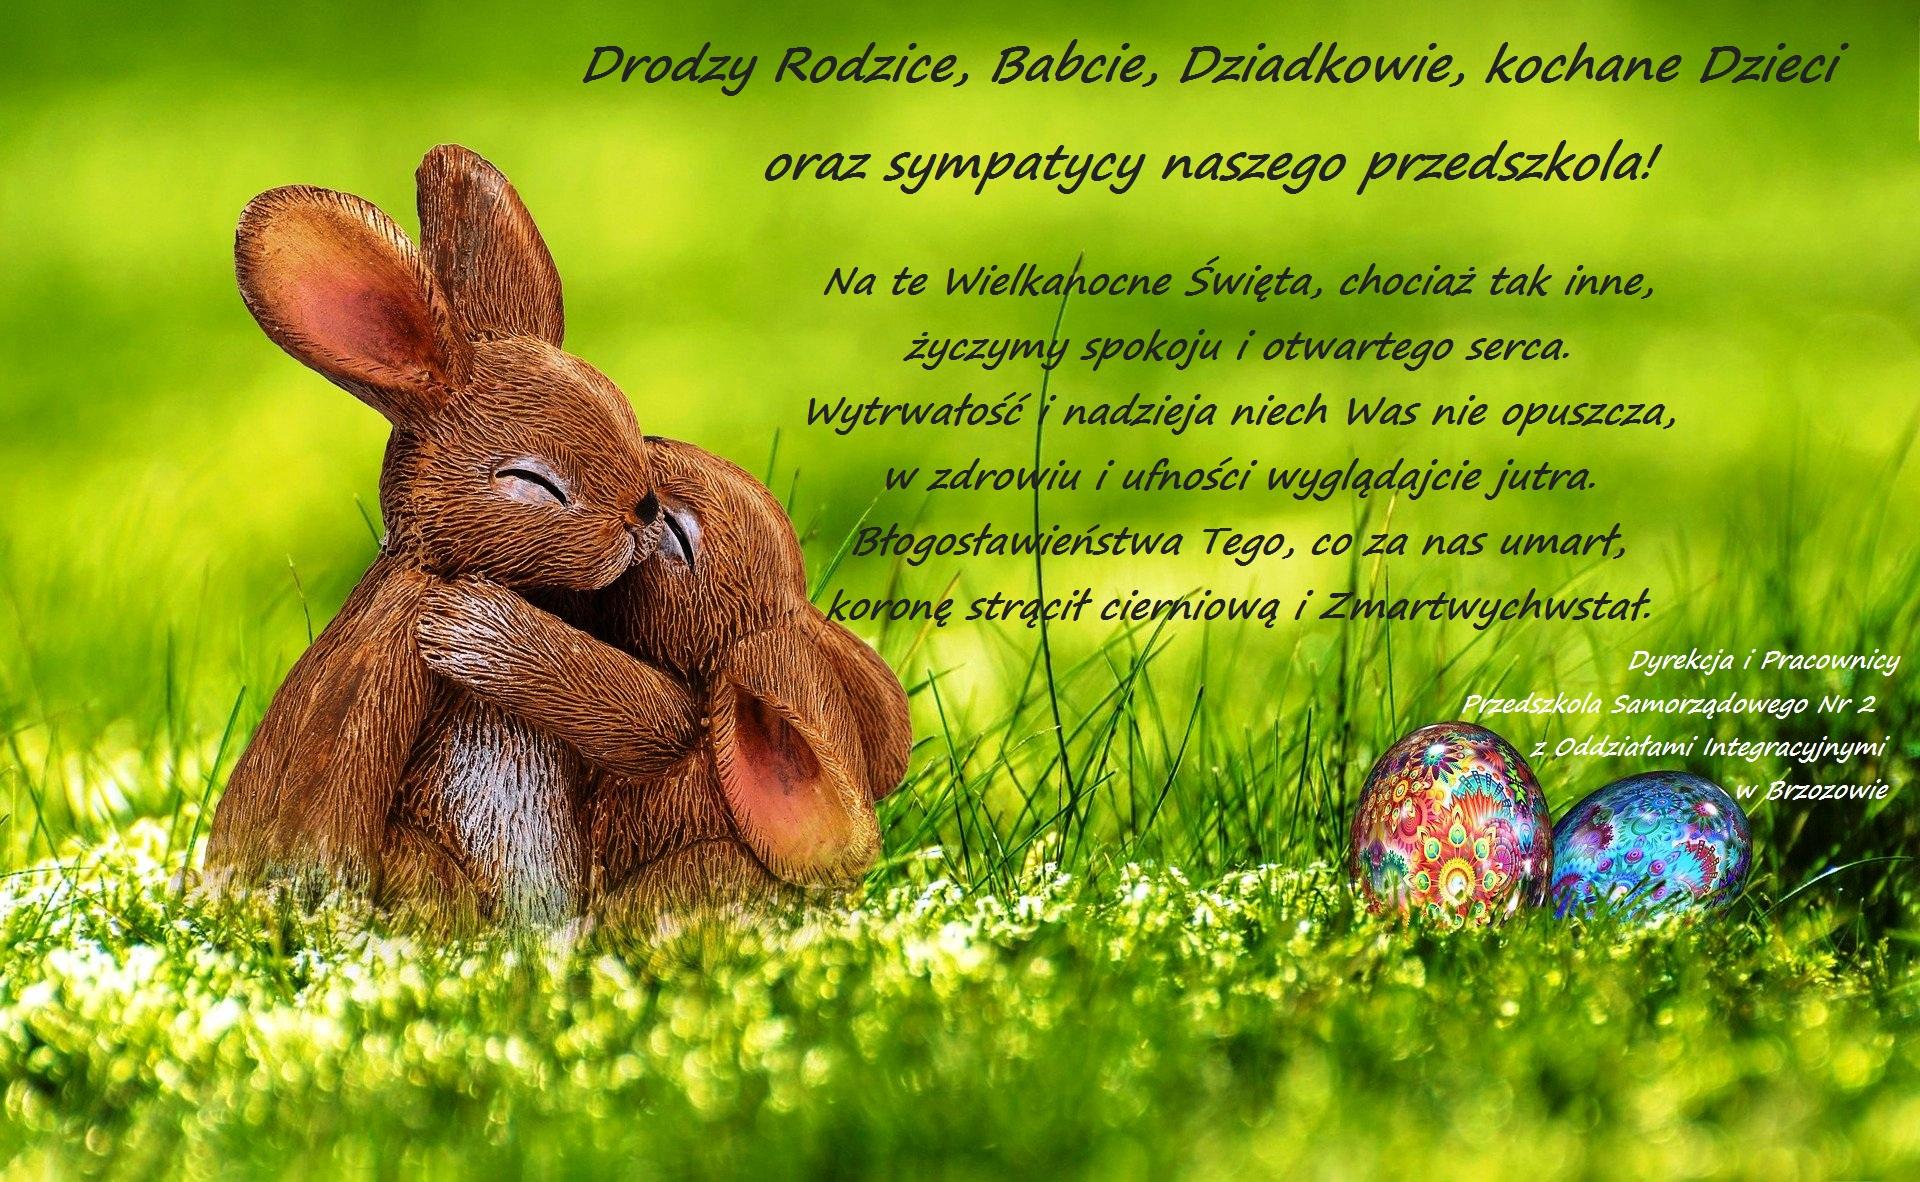 Zdrowych i spokojnych Świąt Wielkanocnych !